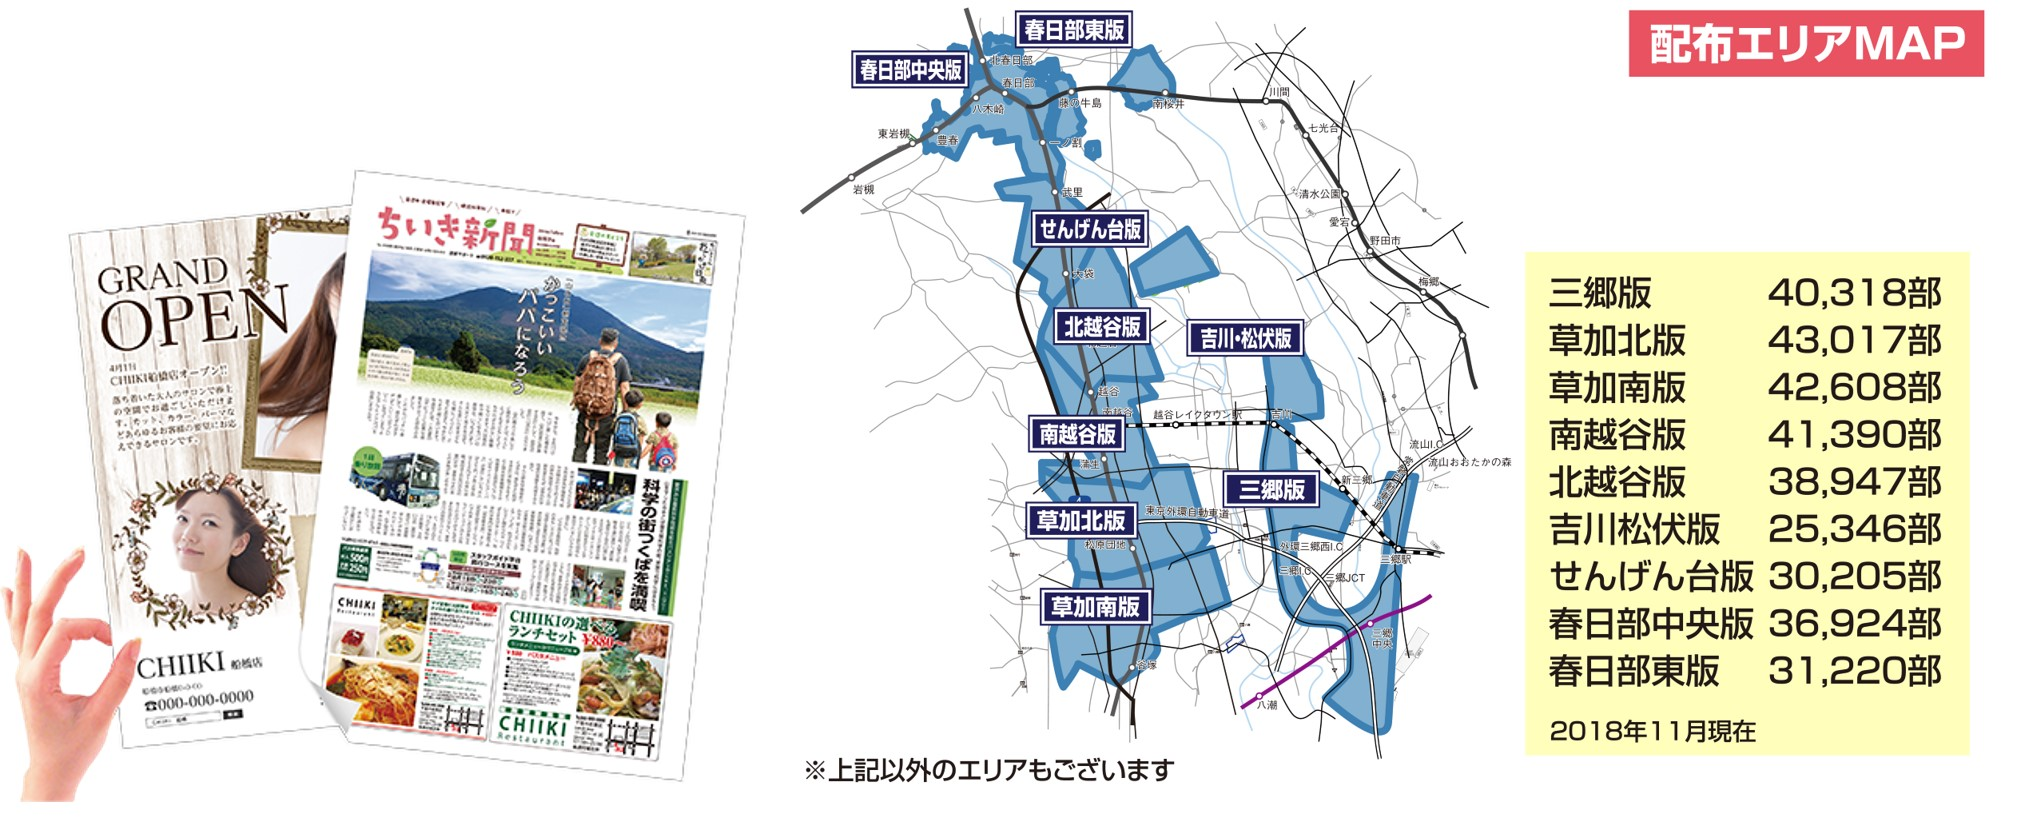 【吉川市 ポスティングエリアMAP・部数一覧】